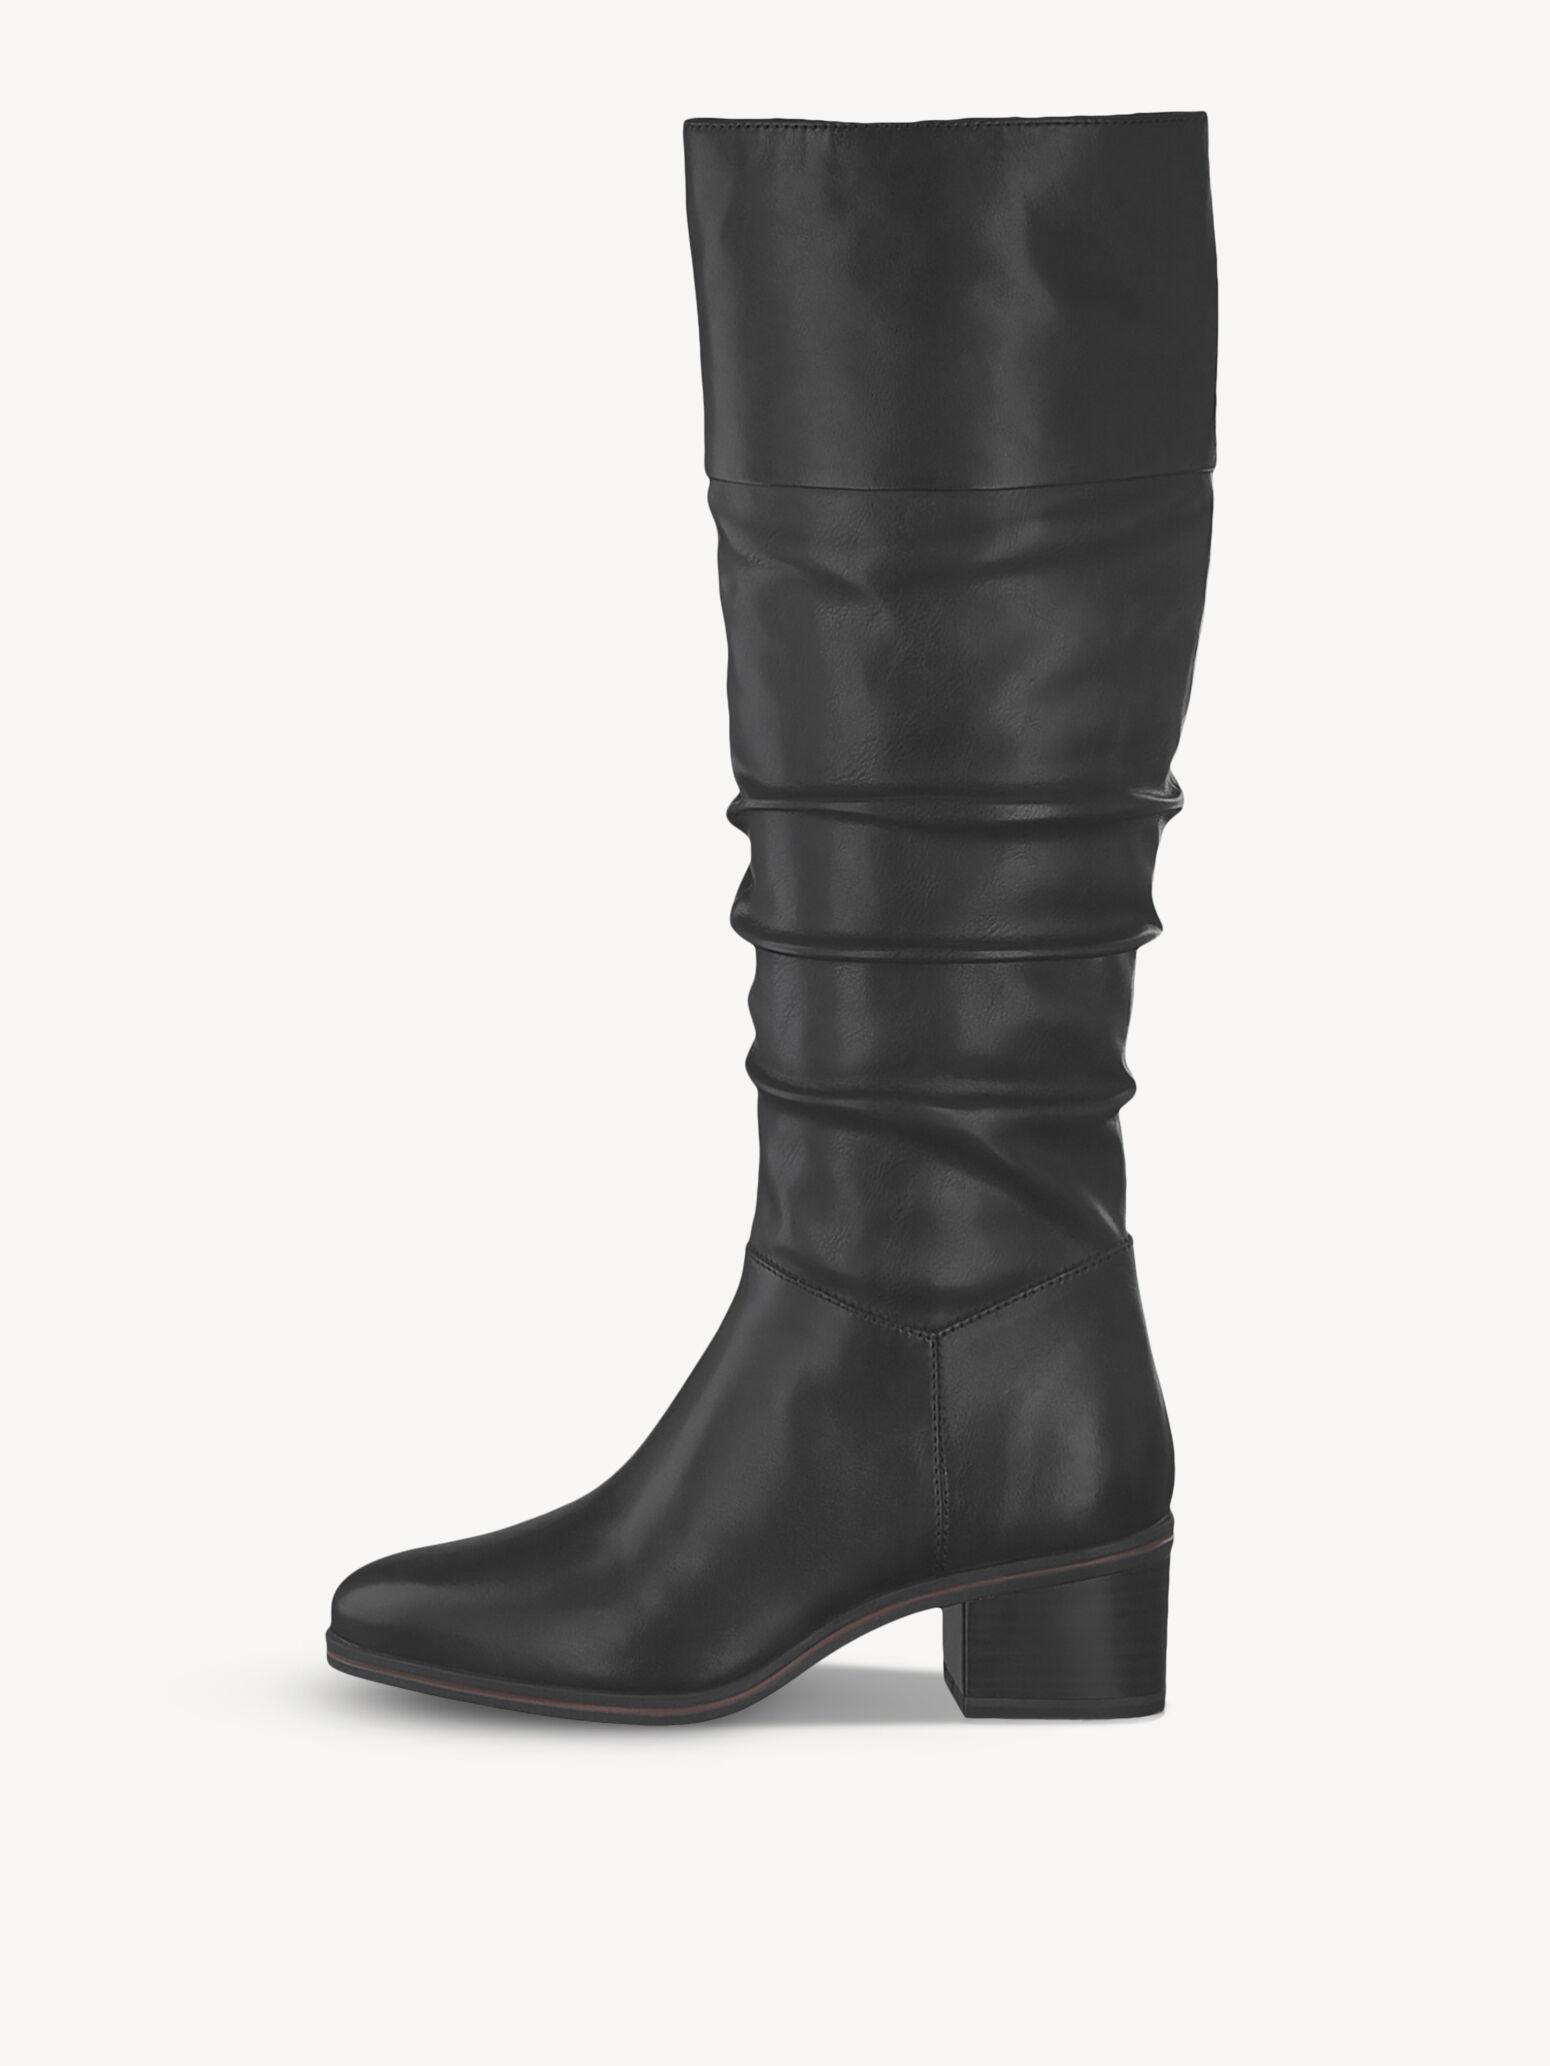 Damen Stiefel im Stiletto Look elastischer Schaft spitz